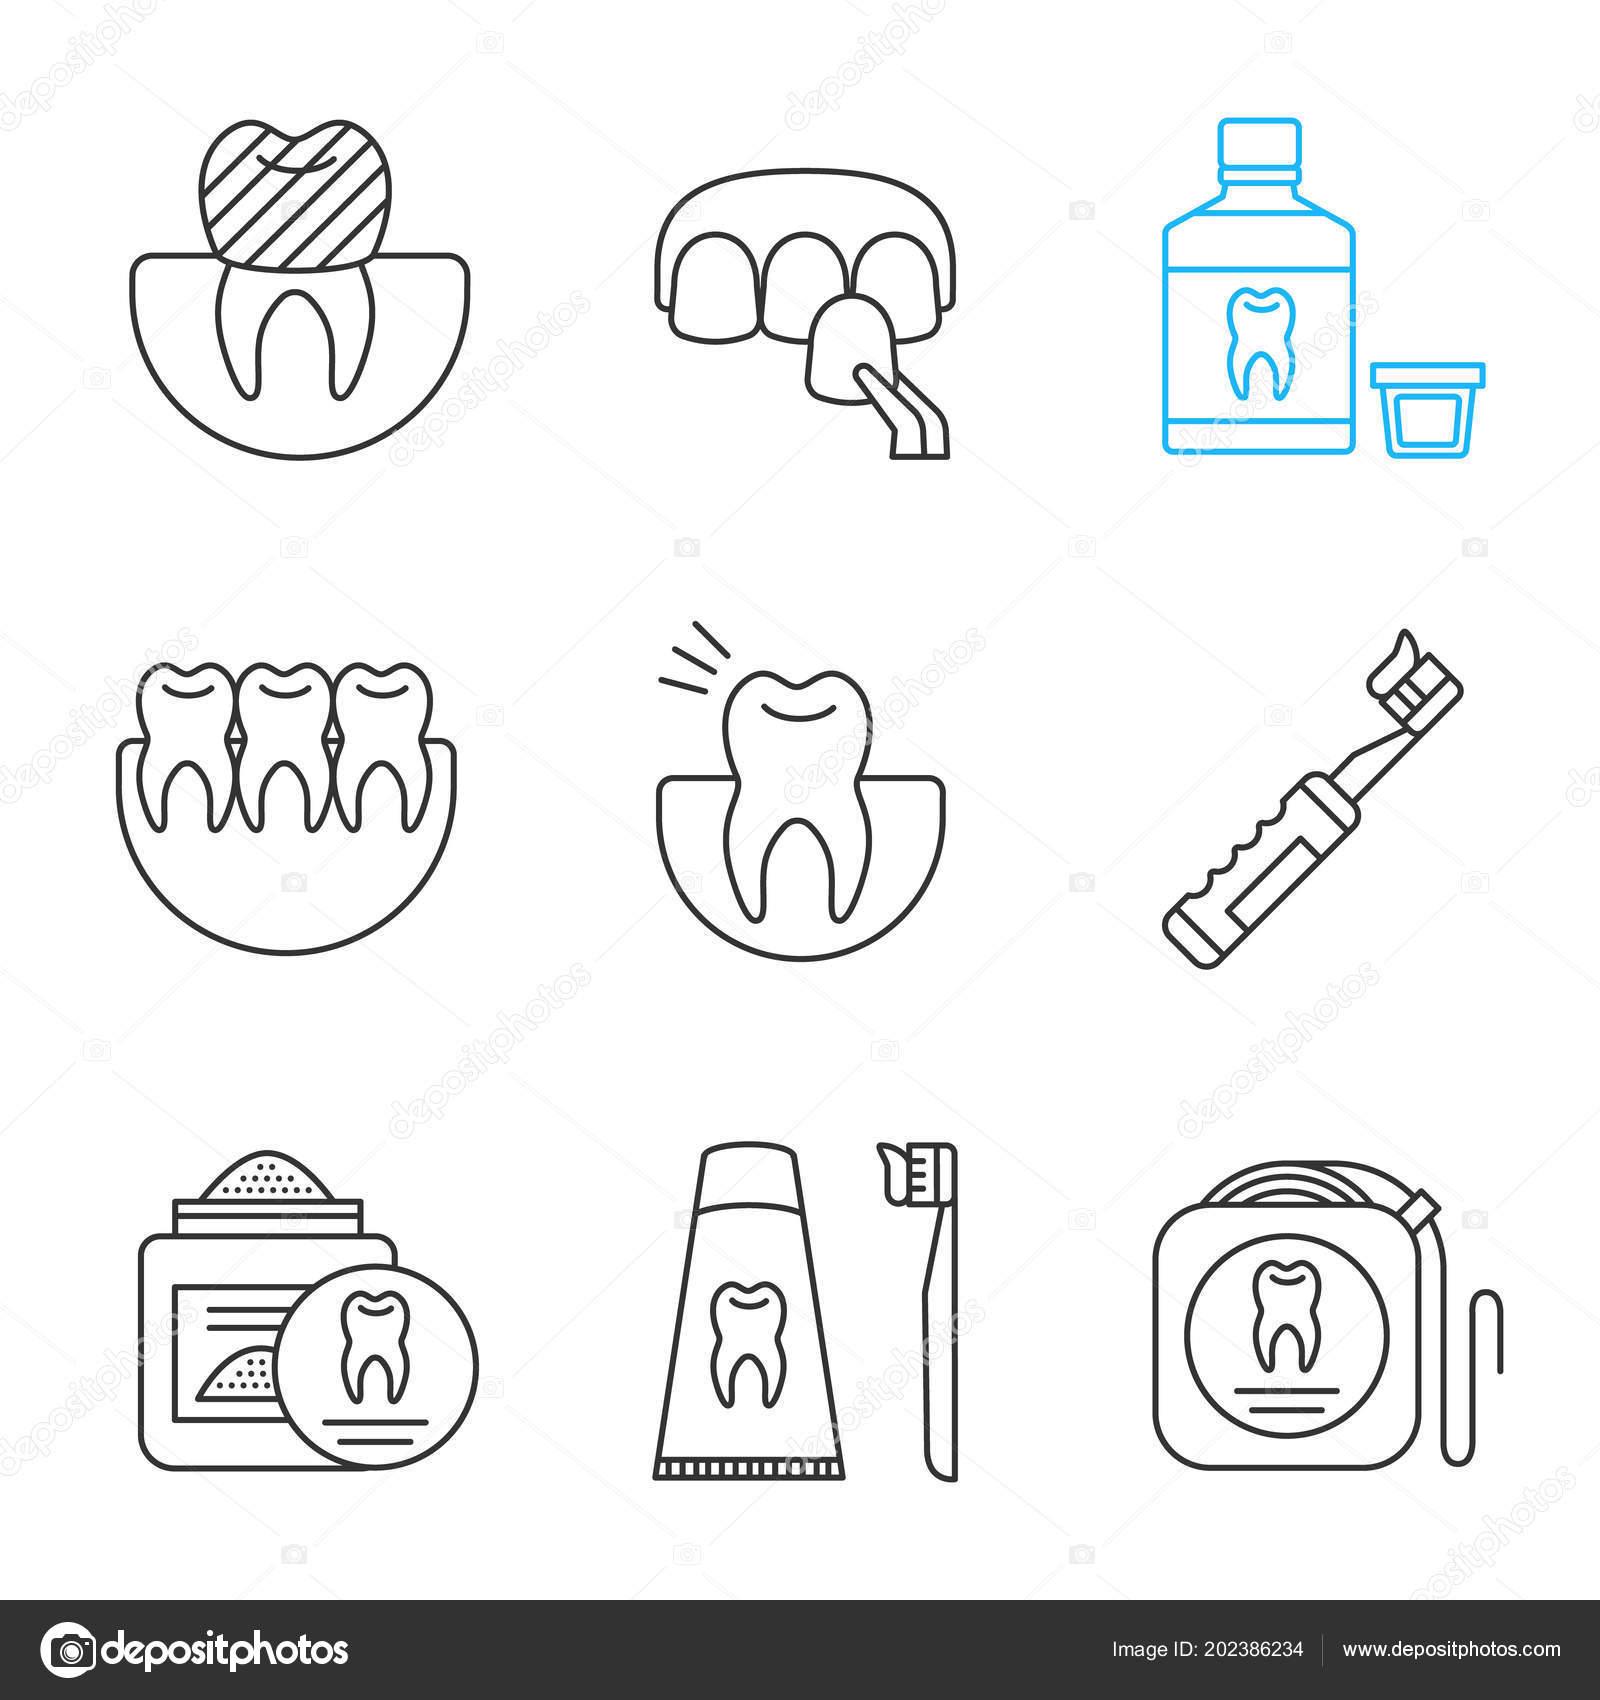 3703b9d17 Conjunto Ícones Linear Odontologia Coroa Dentária Folheado ...